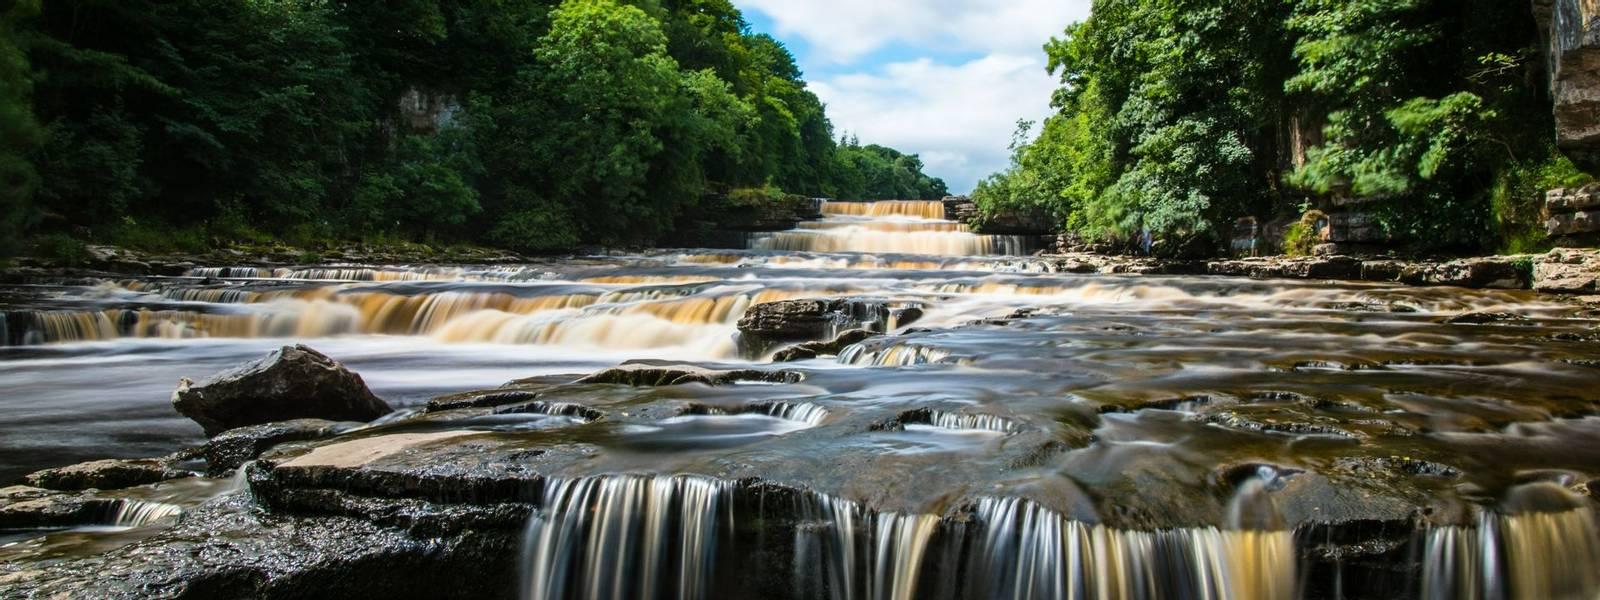 West_Yorkshire_Dales_Aysgarth_Falls_AdobeStock_203111692.jpeg